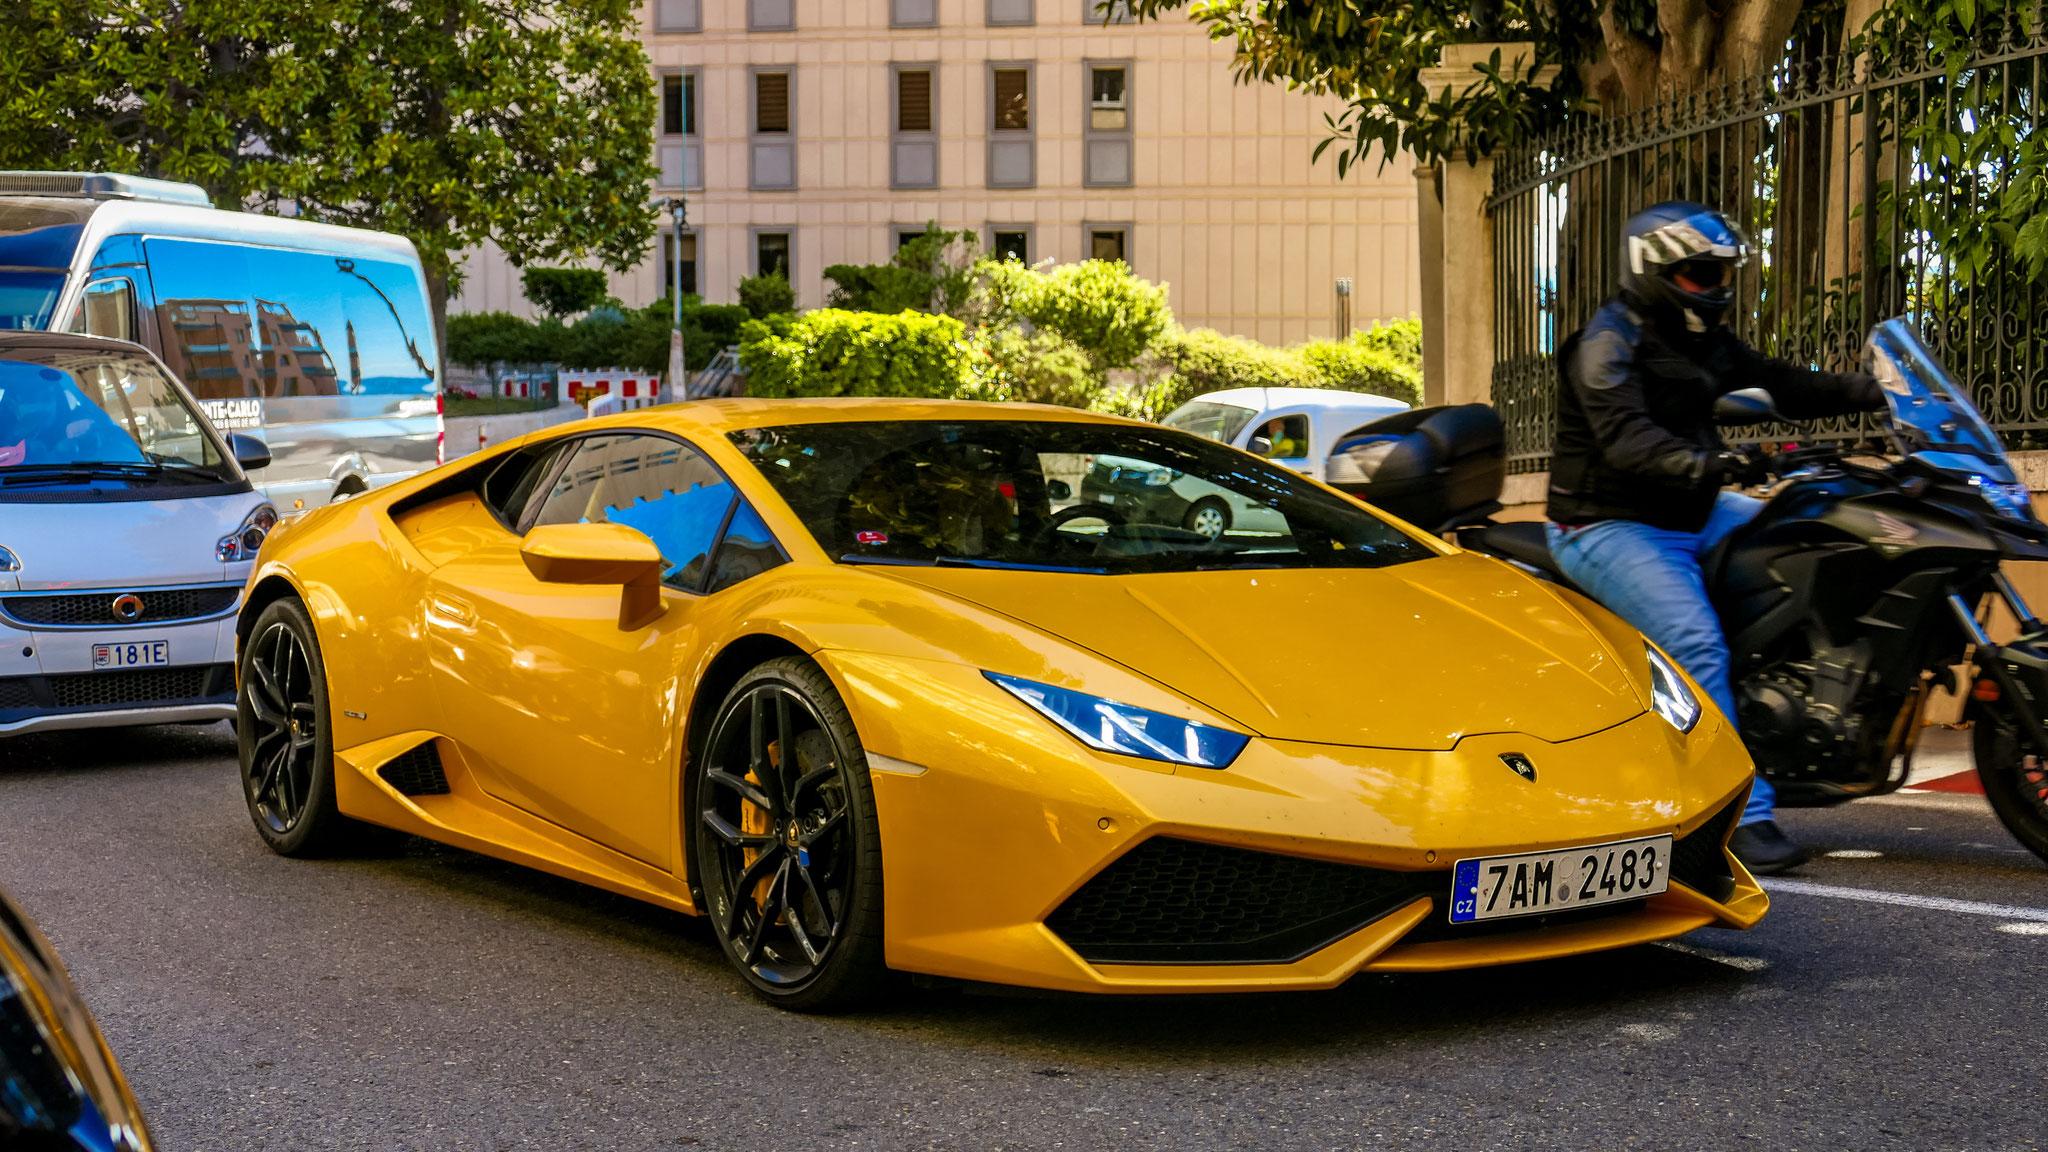 Lamborghini Huracan - 7AM-2483 (CZ)